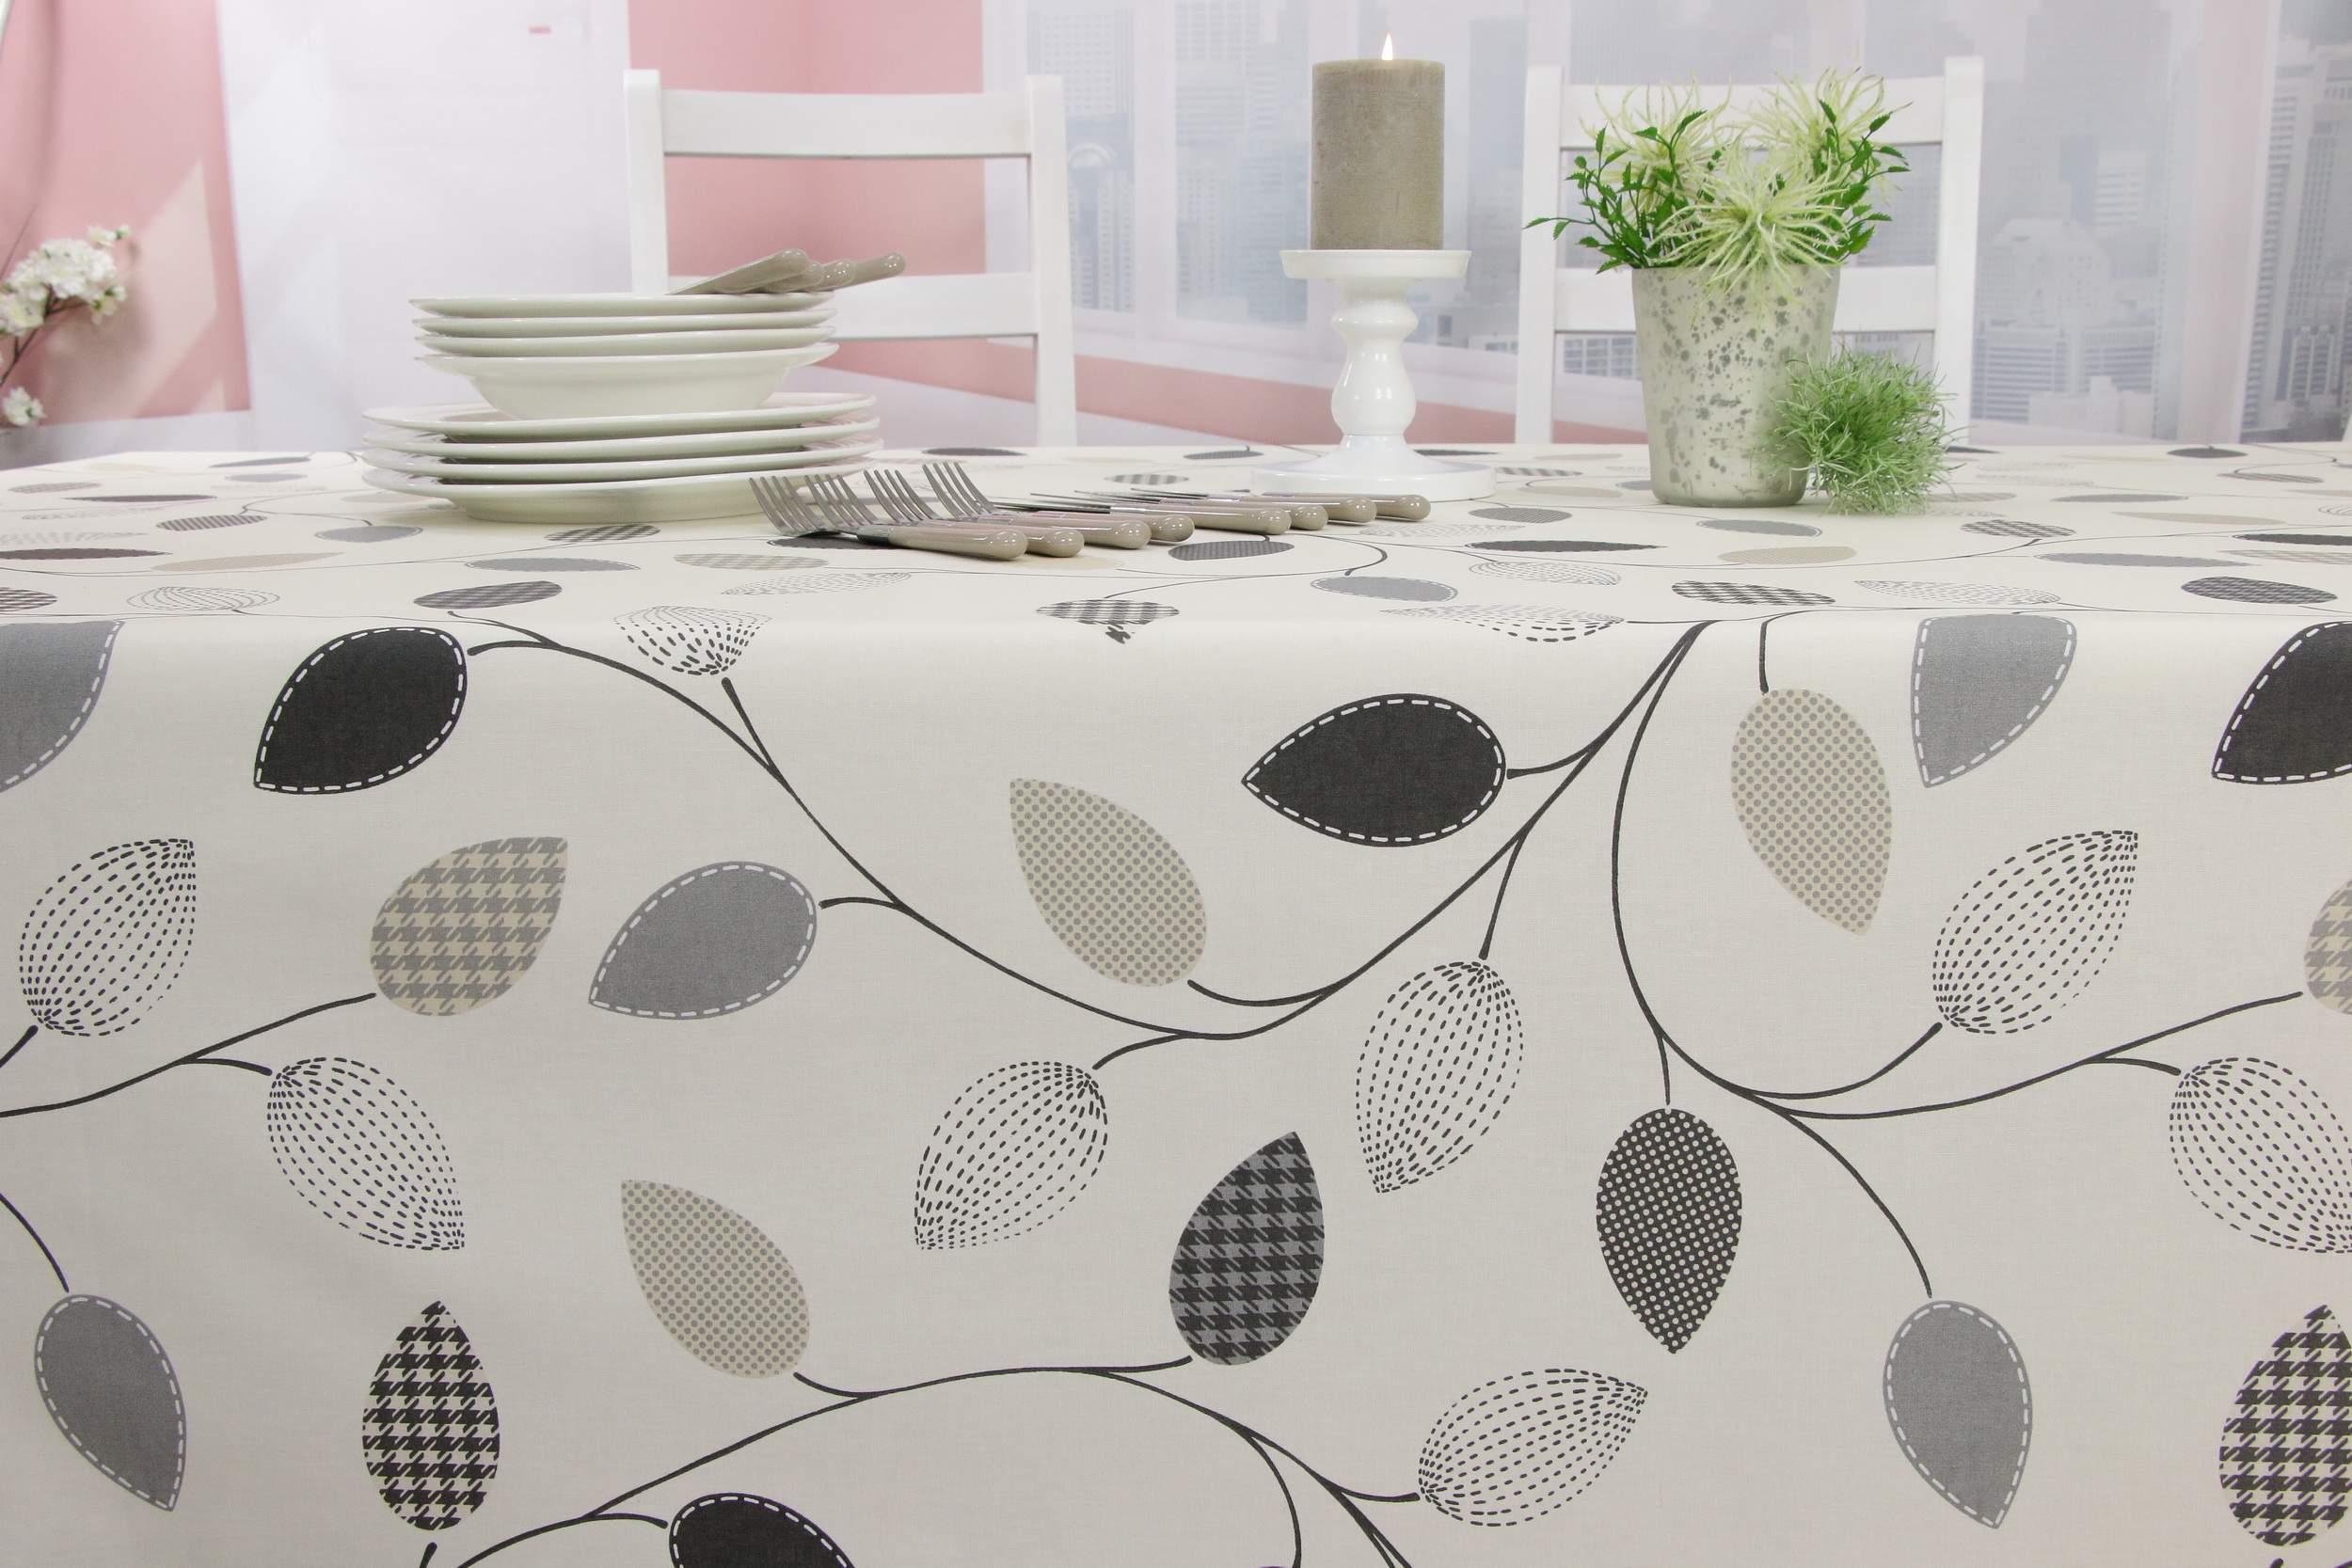 Garten Tischdecken Abwaschbar Luxus Abwaschbare Tischdecke Creme Blätter Gemustert Breite 90 Cm